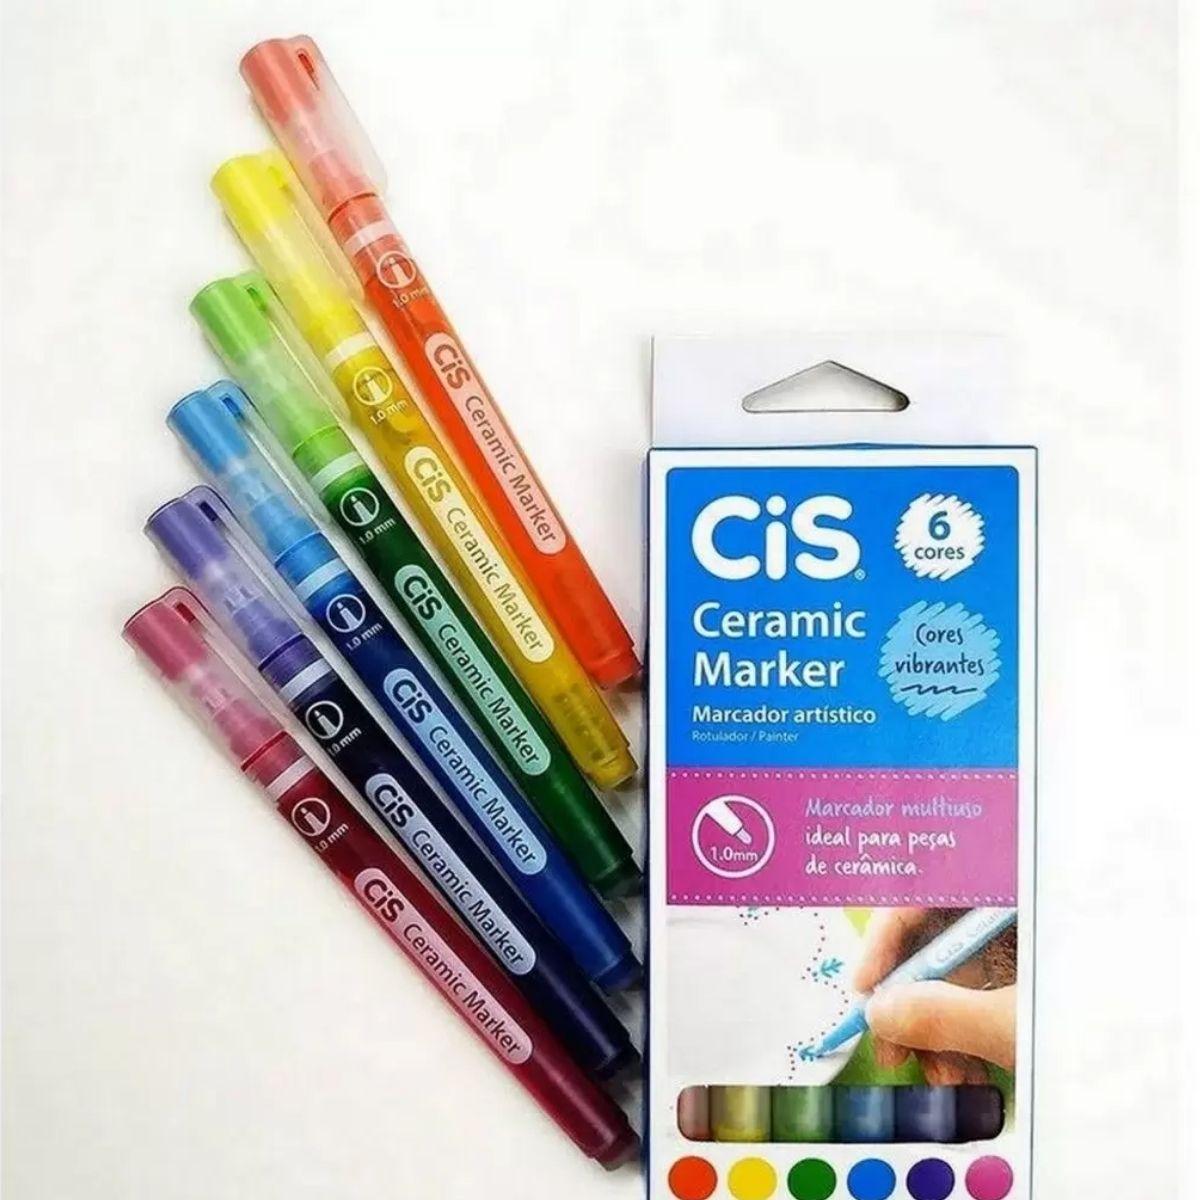 Caneta para Cerâmica Cis Ceramic Marker 1.0mm